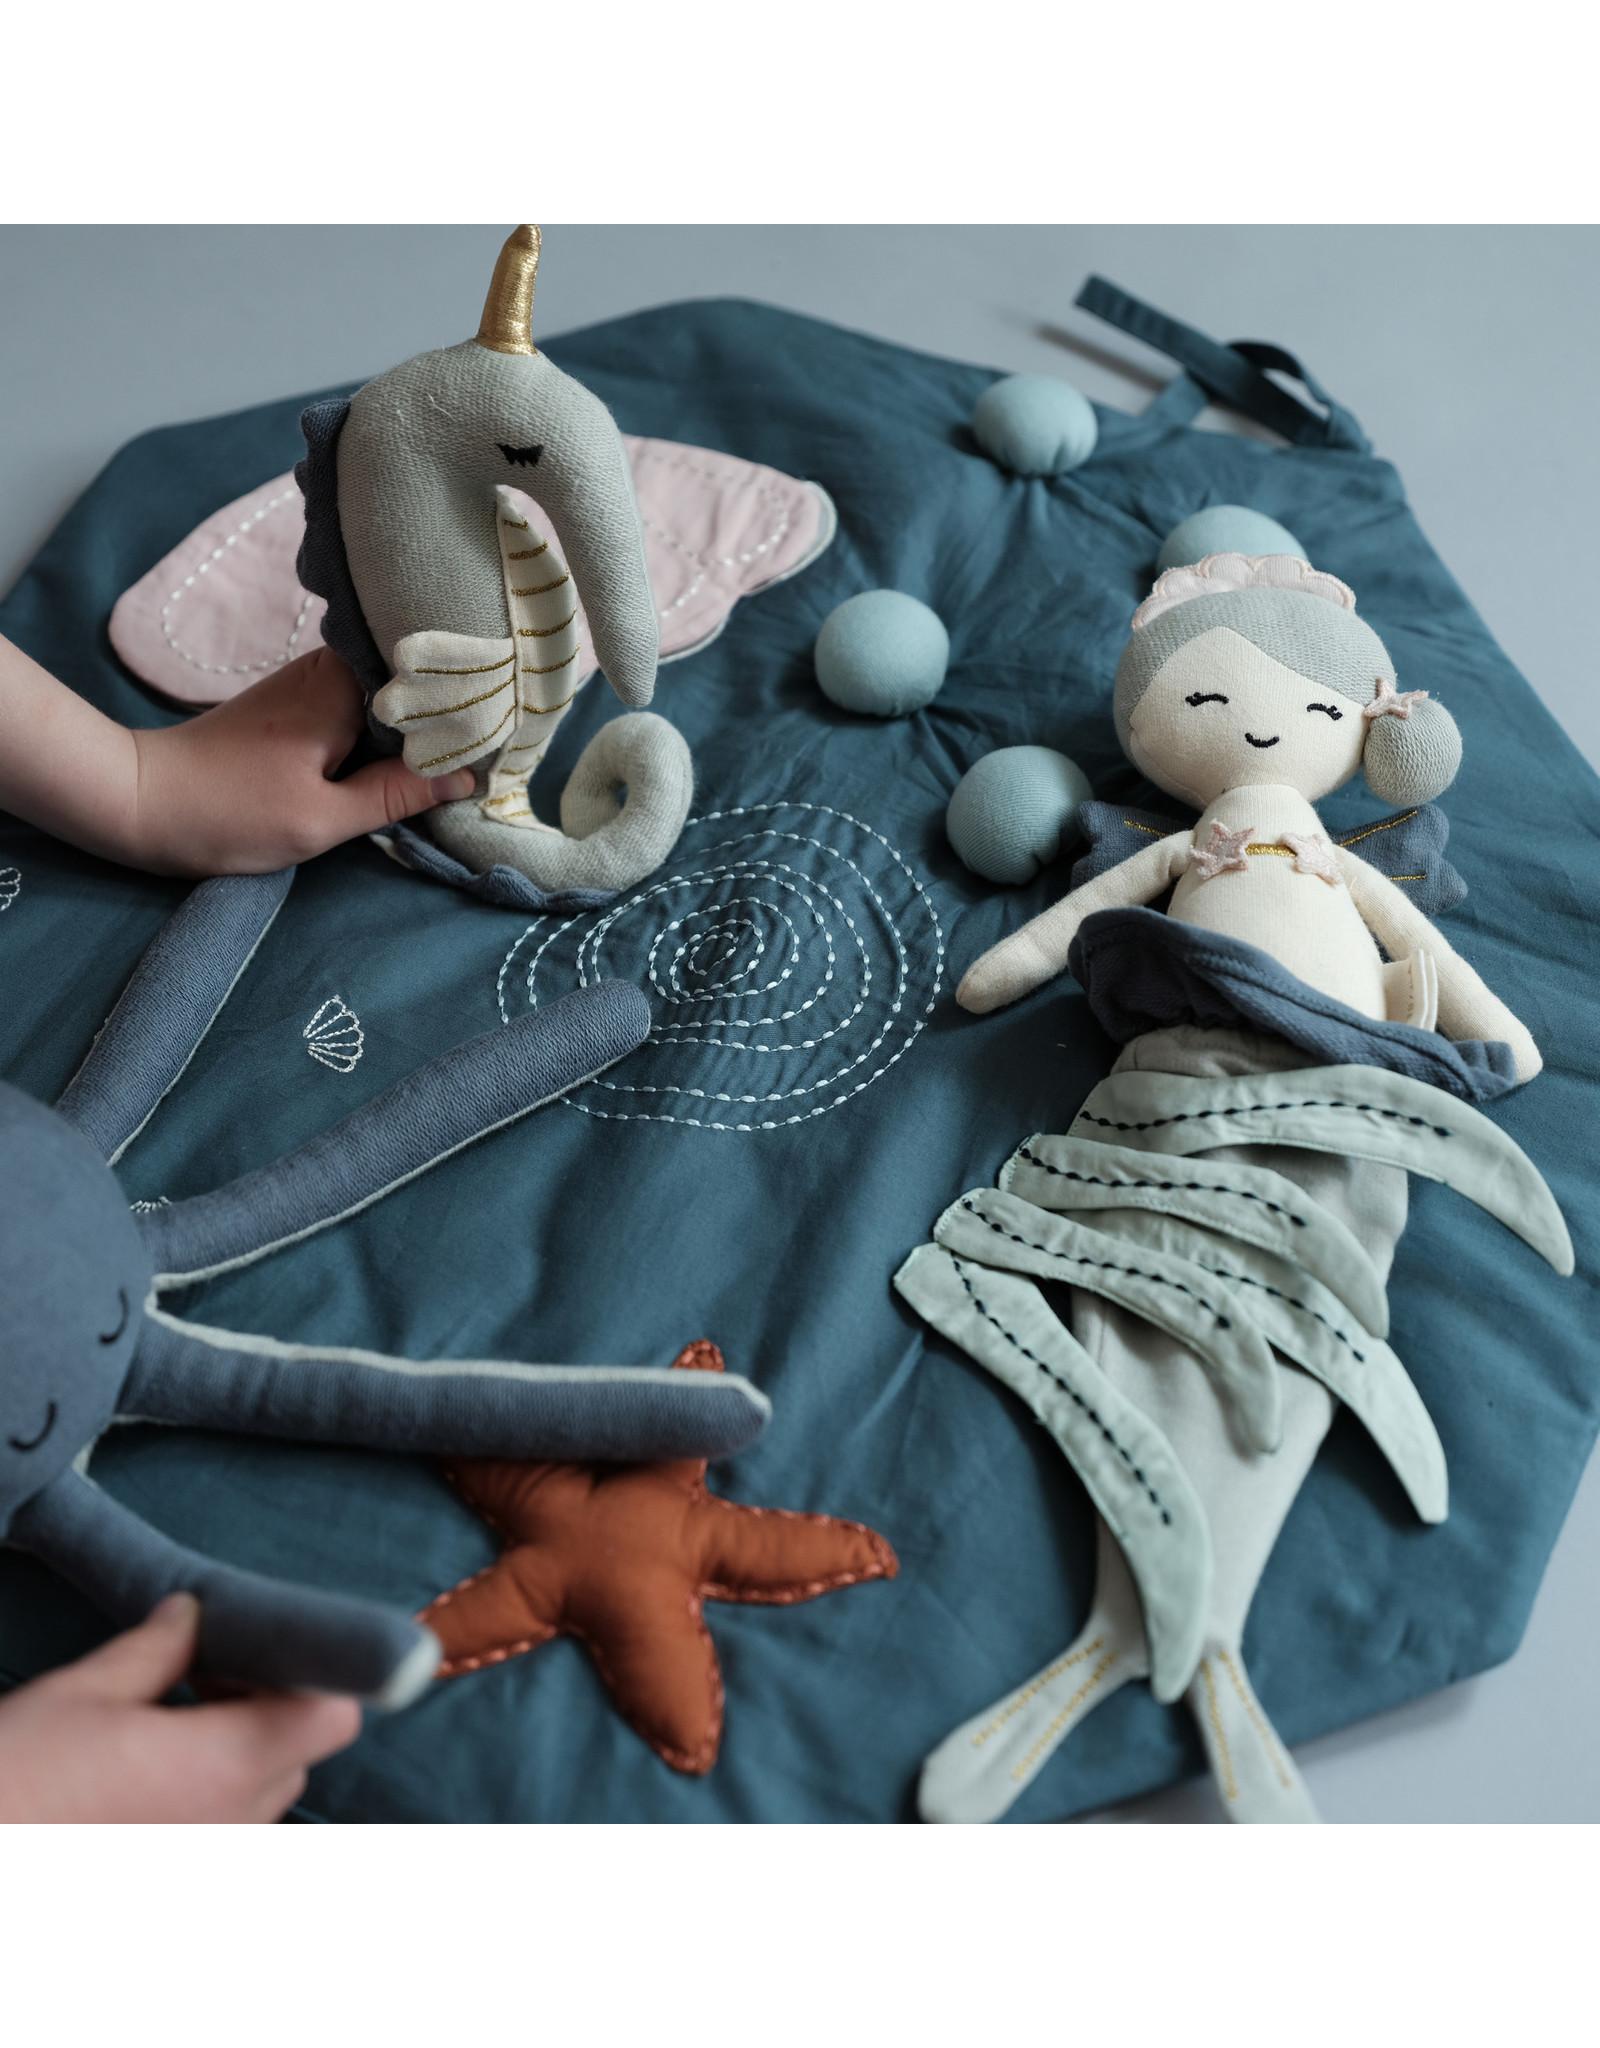 Fabelab FBL Doll - Mermaid